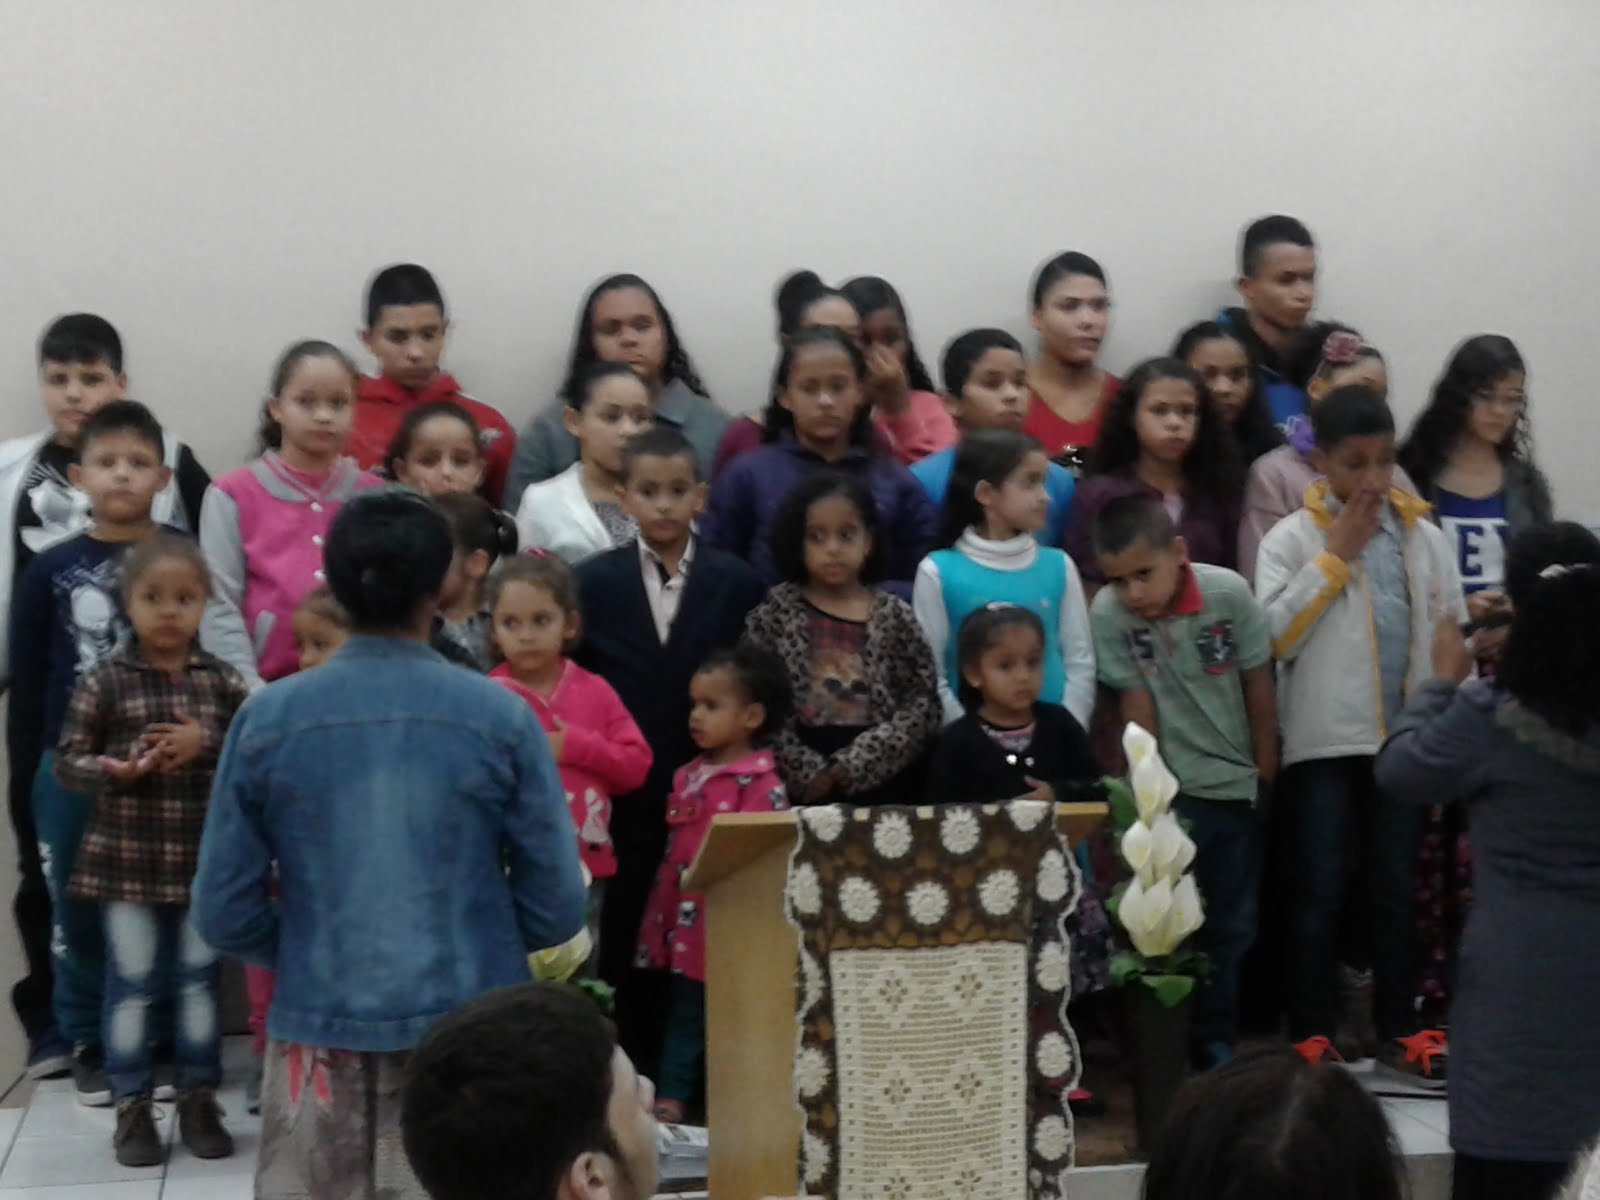 Liderança Jovem da Igreja Esta Obra é do Senhor de Guaianazes